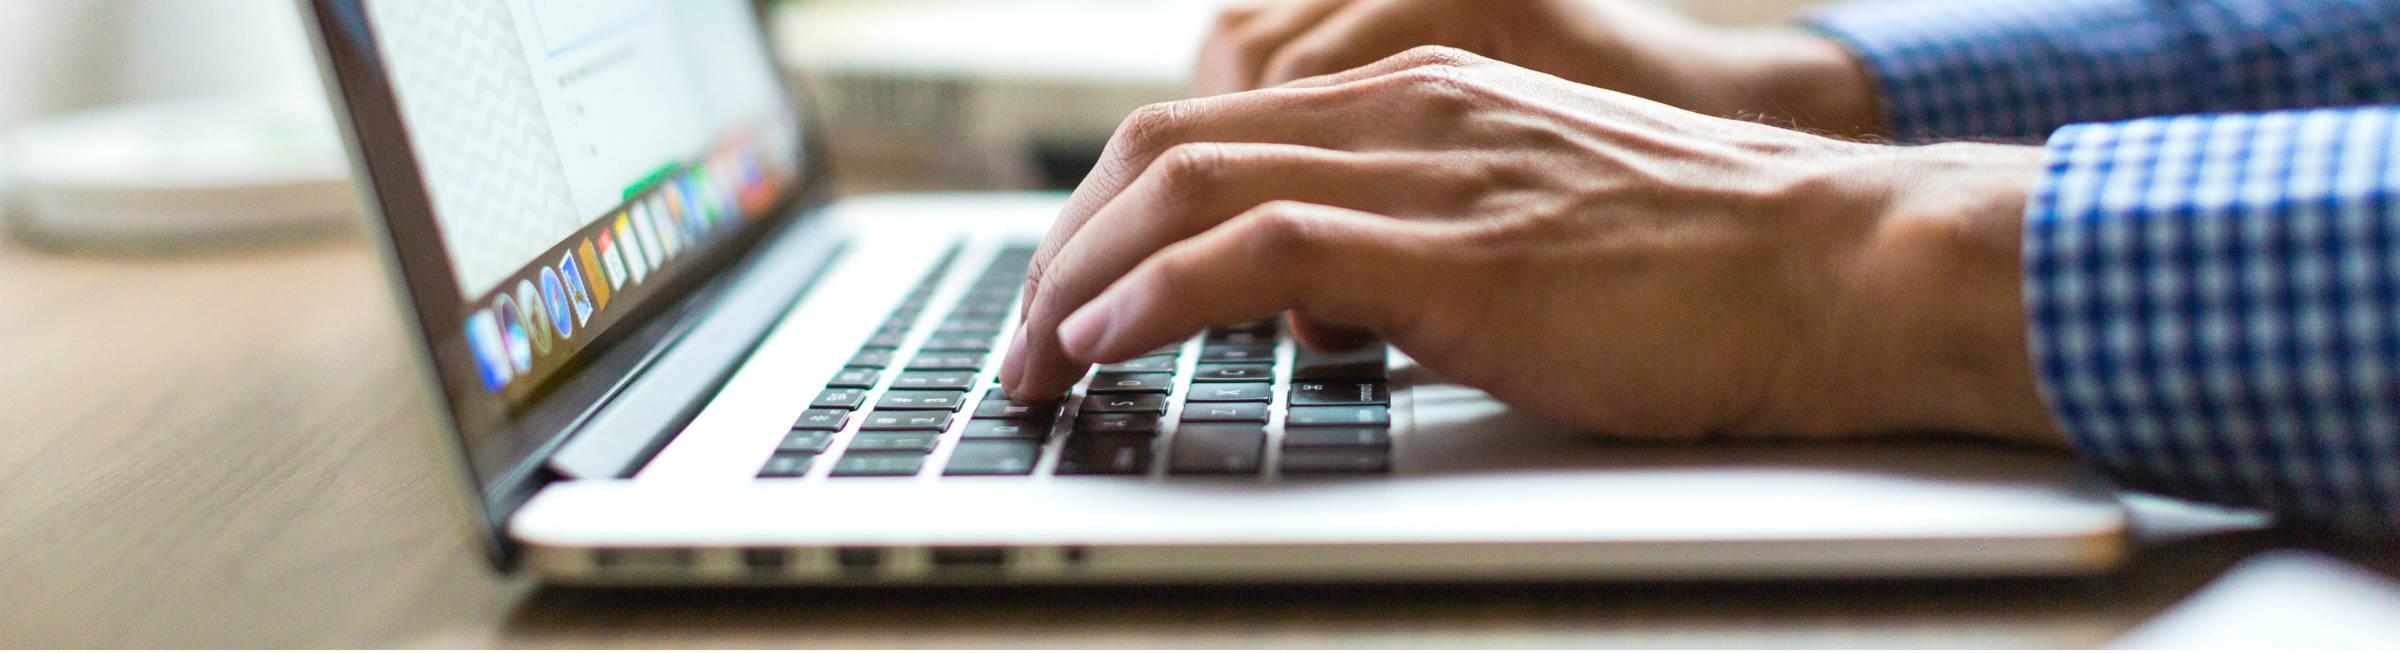 Un homme écrit sur son ordinateur portable